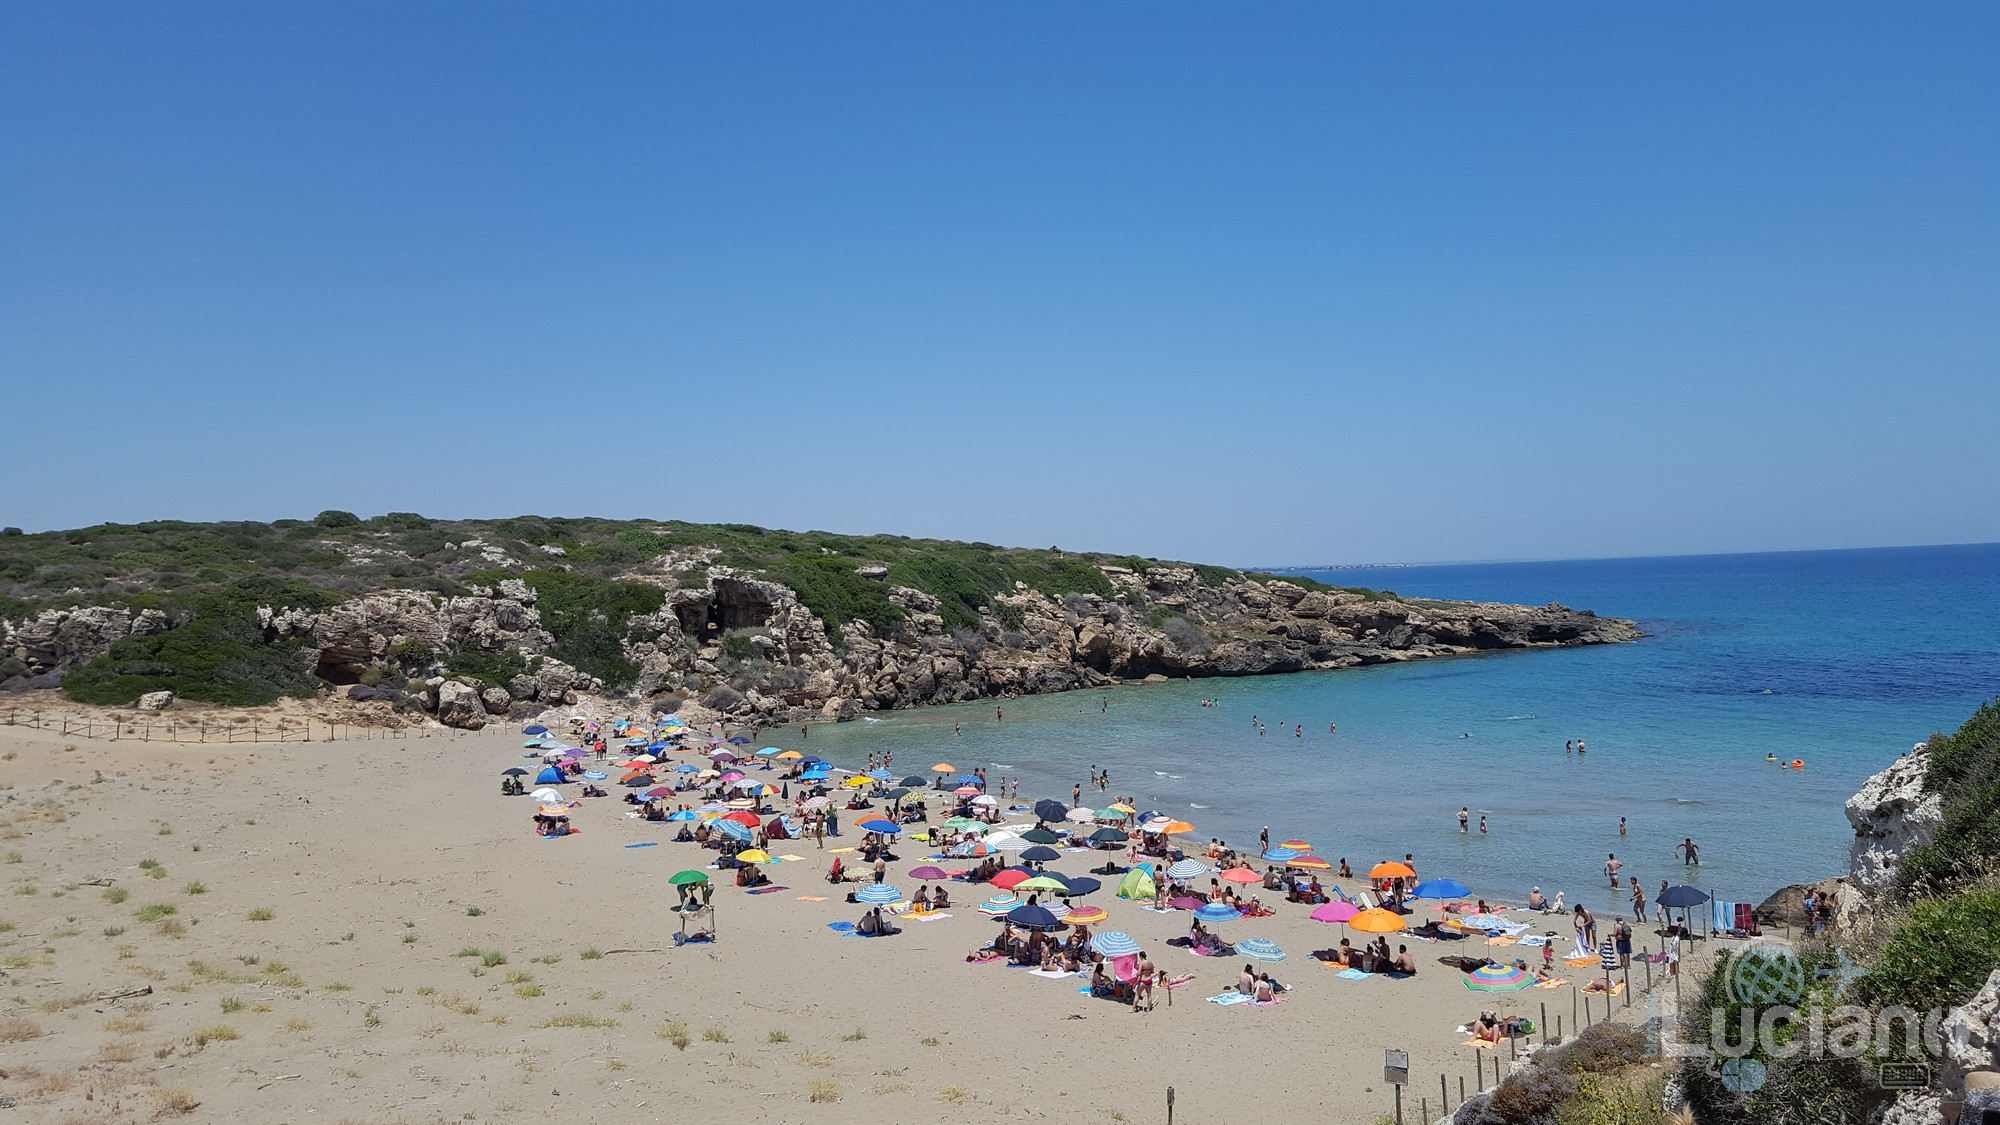 Spiaggia di Calamosche - Siracusa - vista da un costone